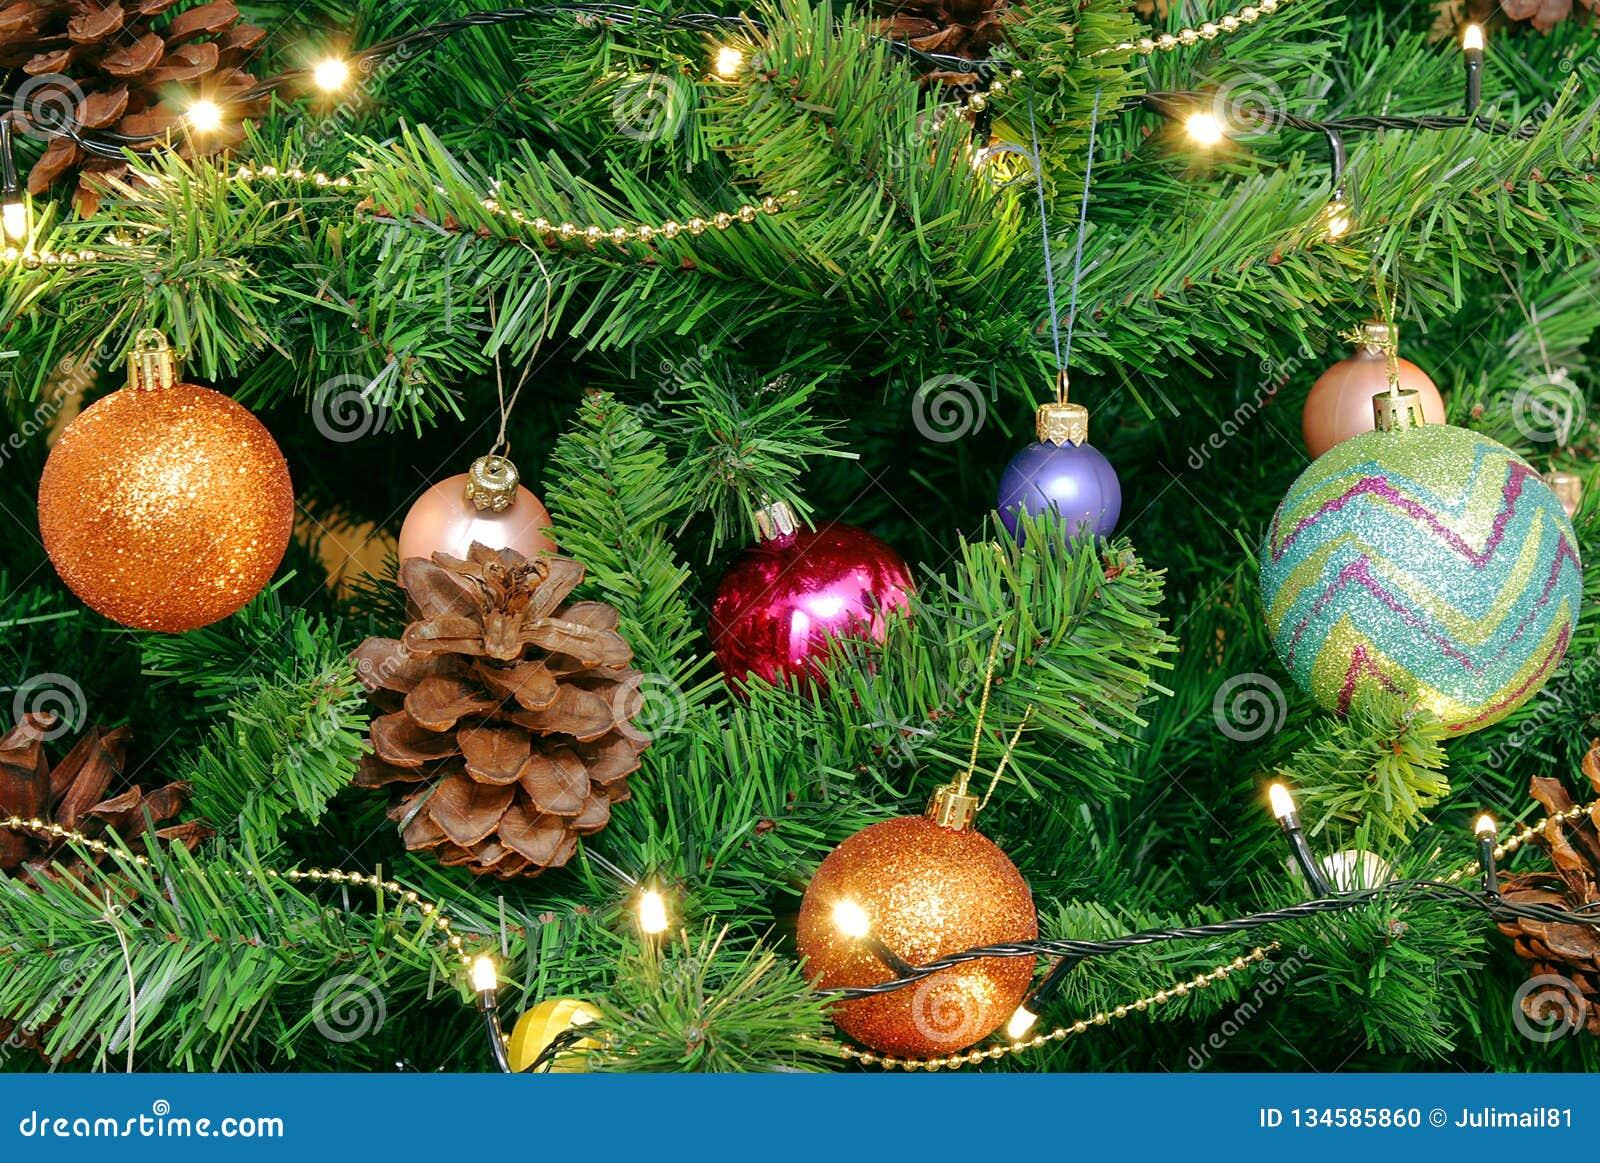 Julbakgrund för hälsningkort och platser Grön julgran med stora kottar Dekorerat med ljusa runda bollar, girlander